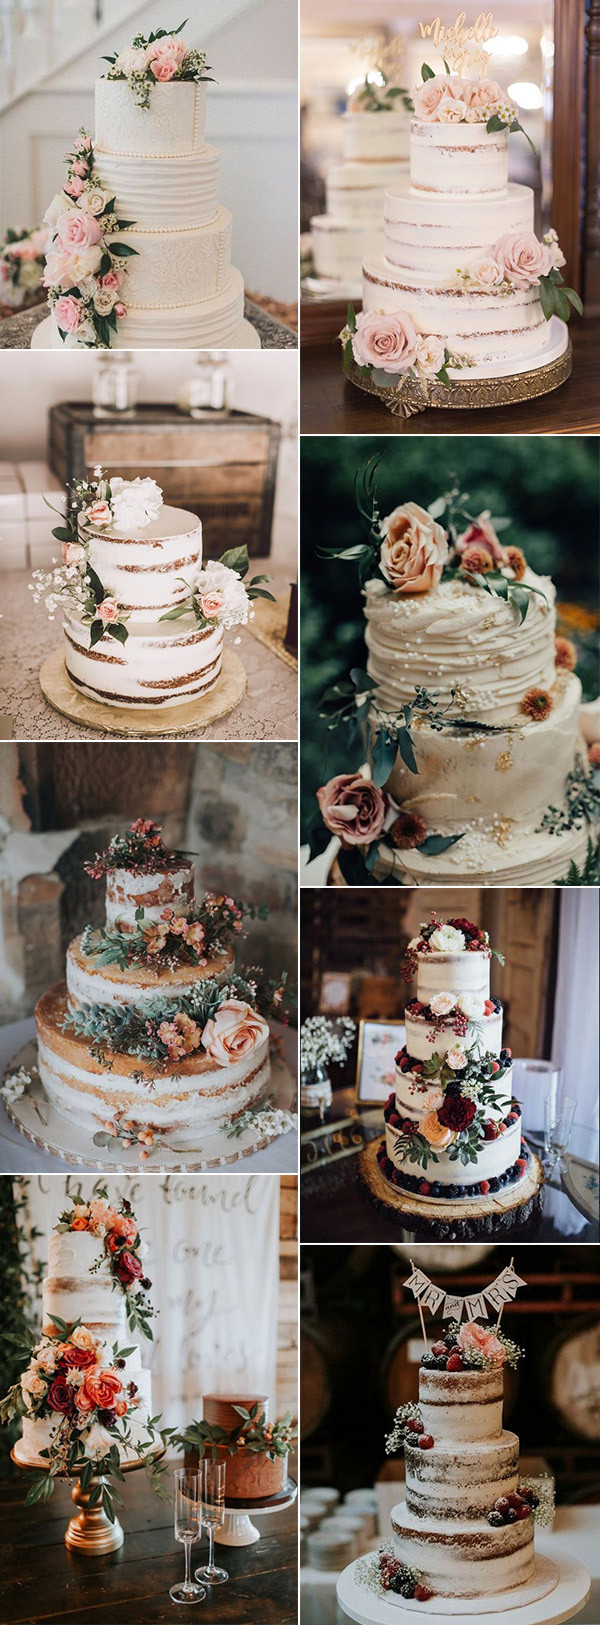 delicious vintage wedding cakes